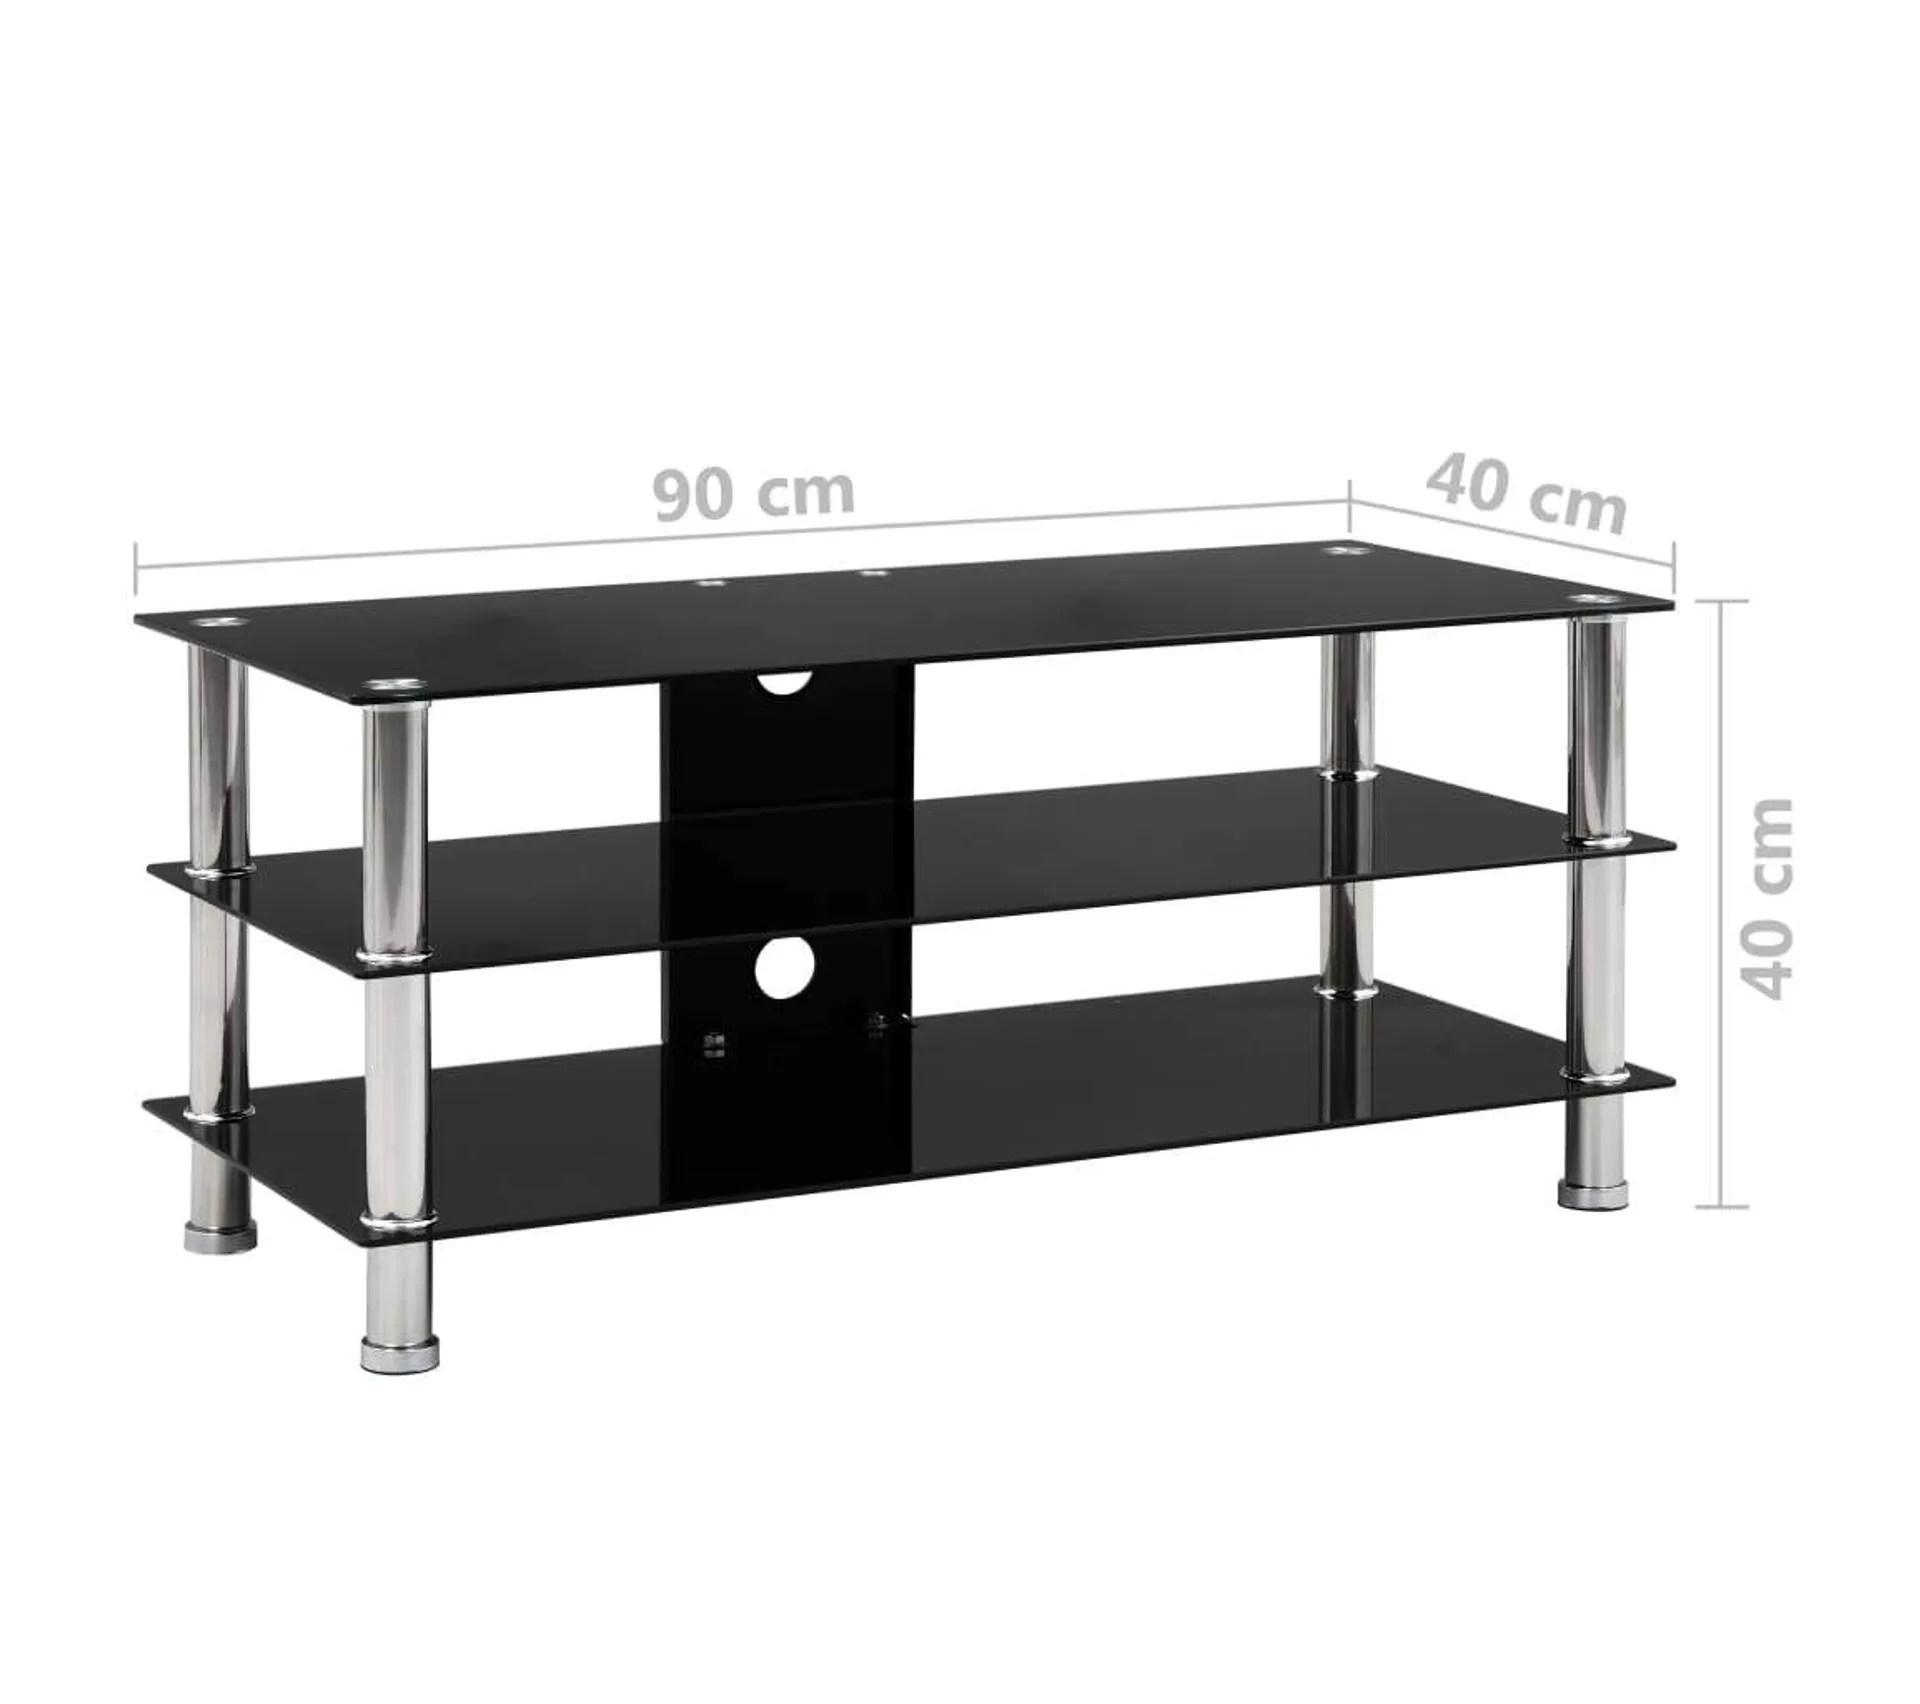 meuble tele buffet tv television design pratique noir 90 cm verre trempe 2502209